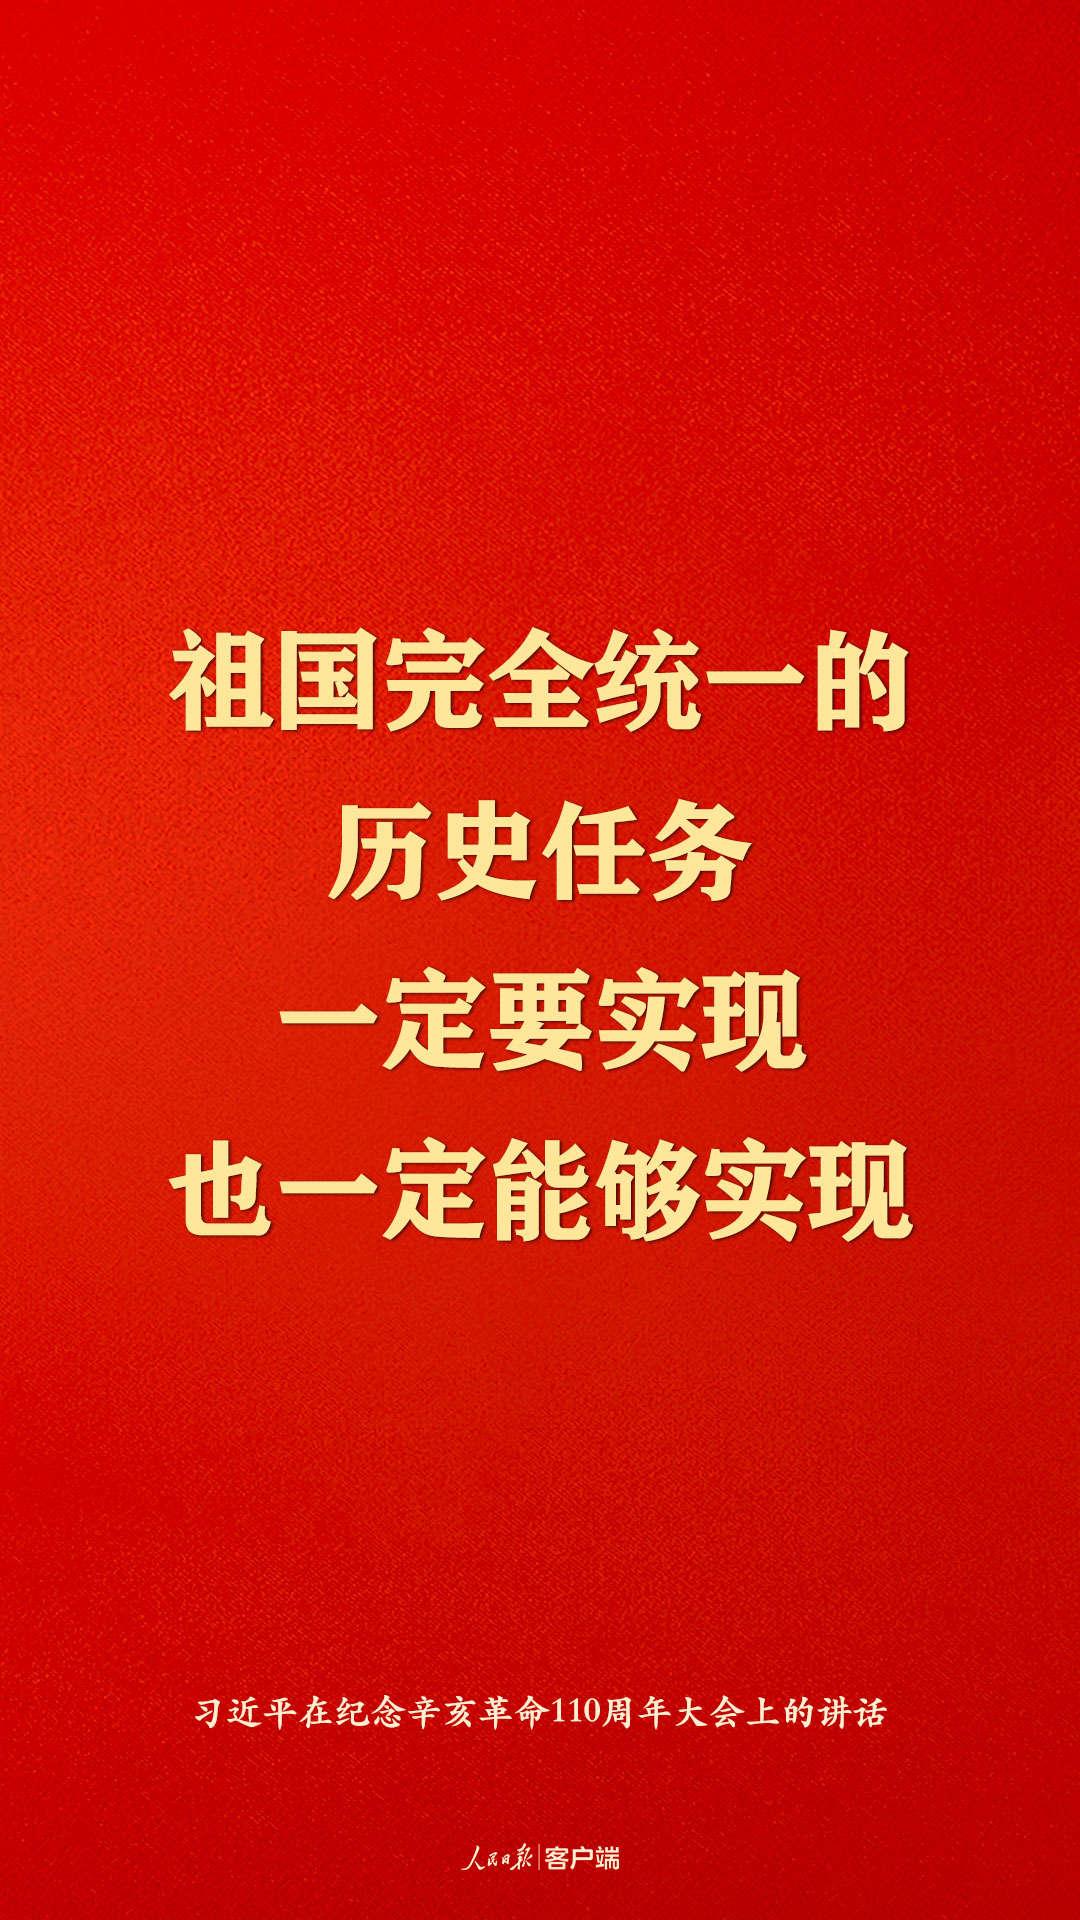 纪念辛亥革命110周年大会习近平发表重要讲话